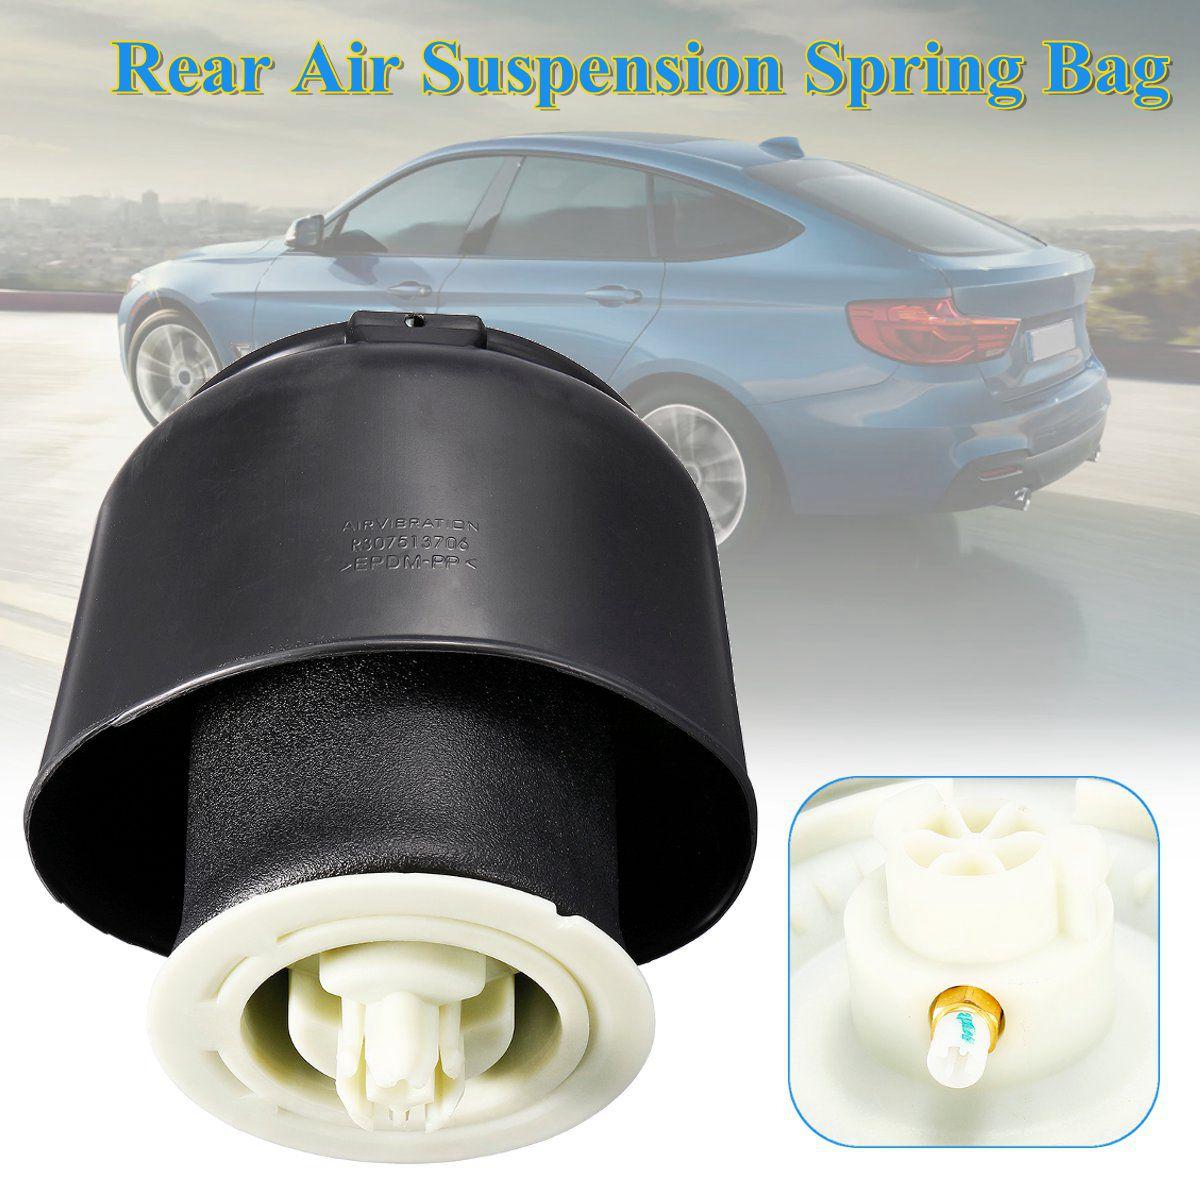 ใหม่ด้านหลัง Air Suspension Spring Bellow กระเป๋าฝุ่นสำหรับ BMW F07 GT F10 F11 #37106781827 371067818 37106781828